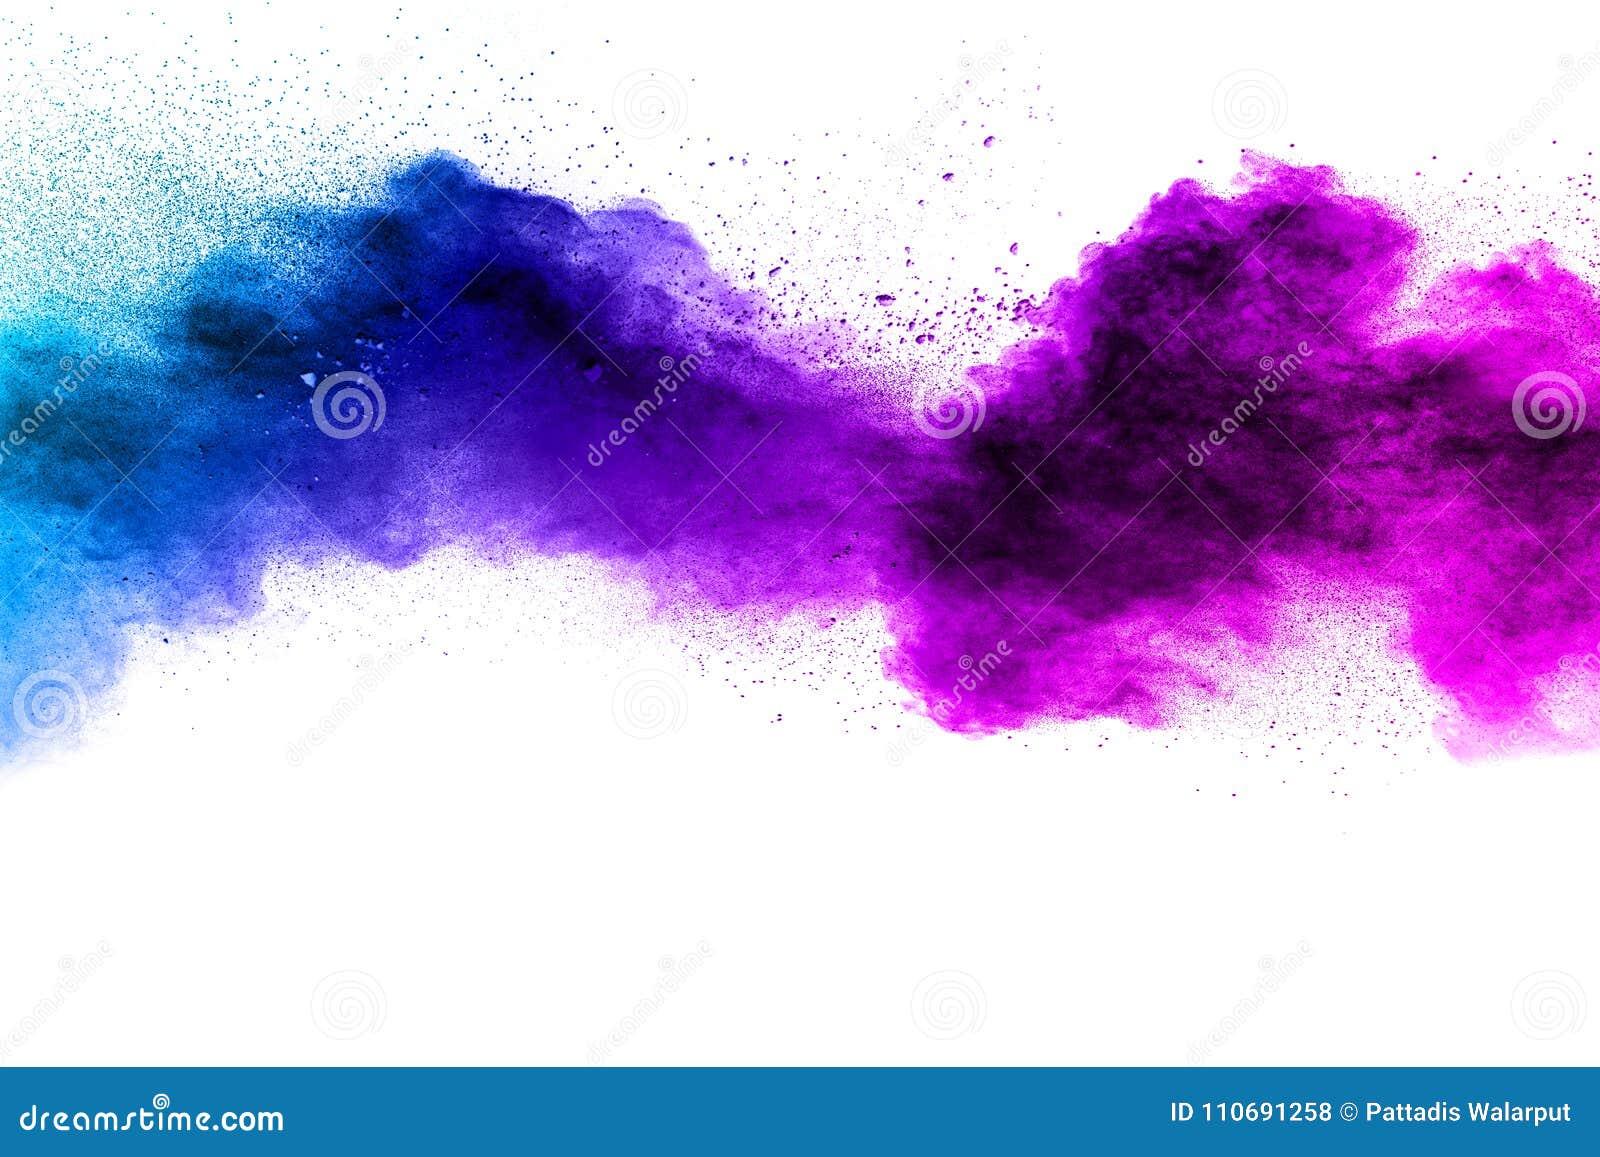 Blau-purpurrote Farbpulver-Explosionswolke lokalisiert auf weißem Hintergrund